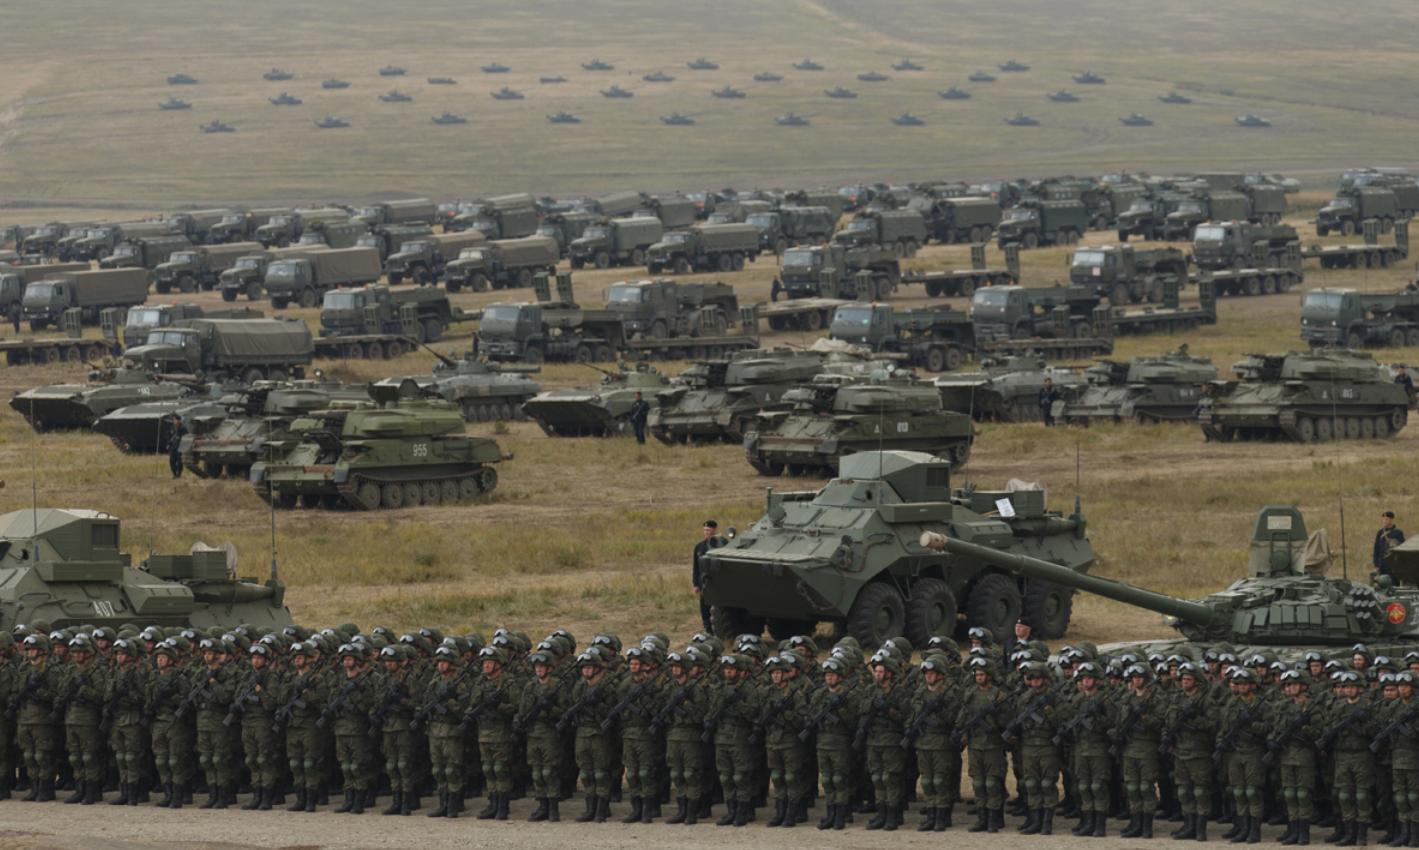 Зачем Россия активно перевооружает армию? К каким войнам мы готовимся?